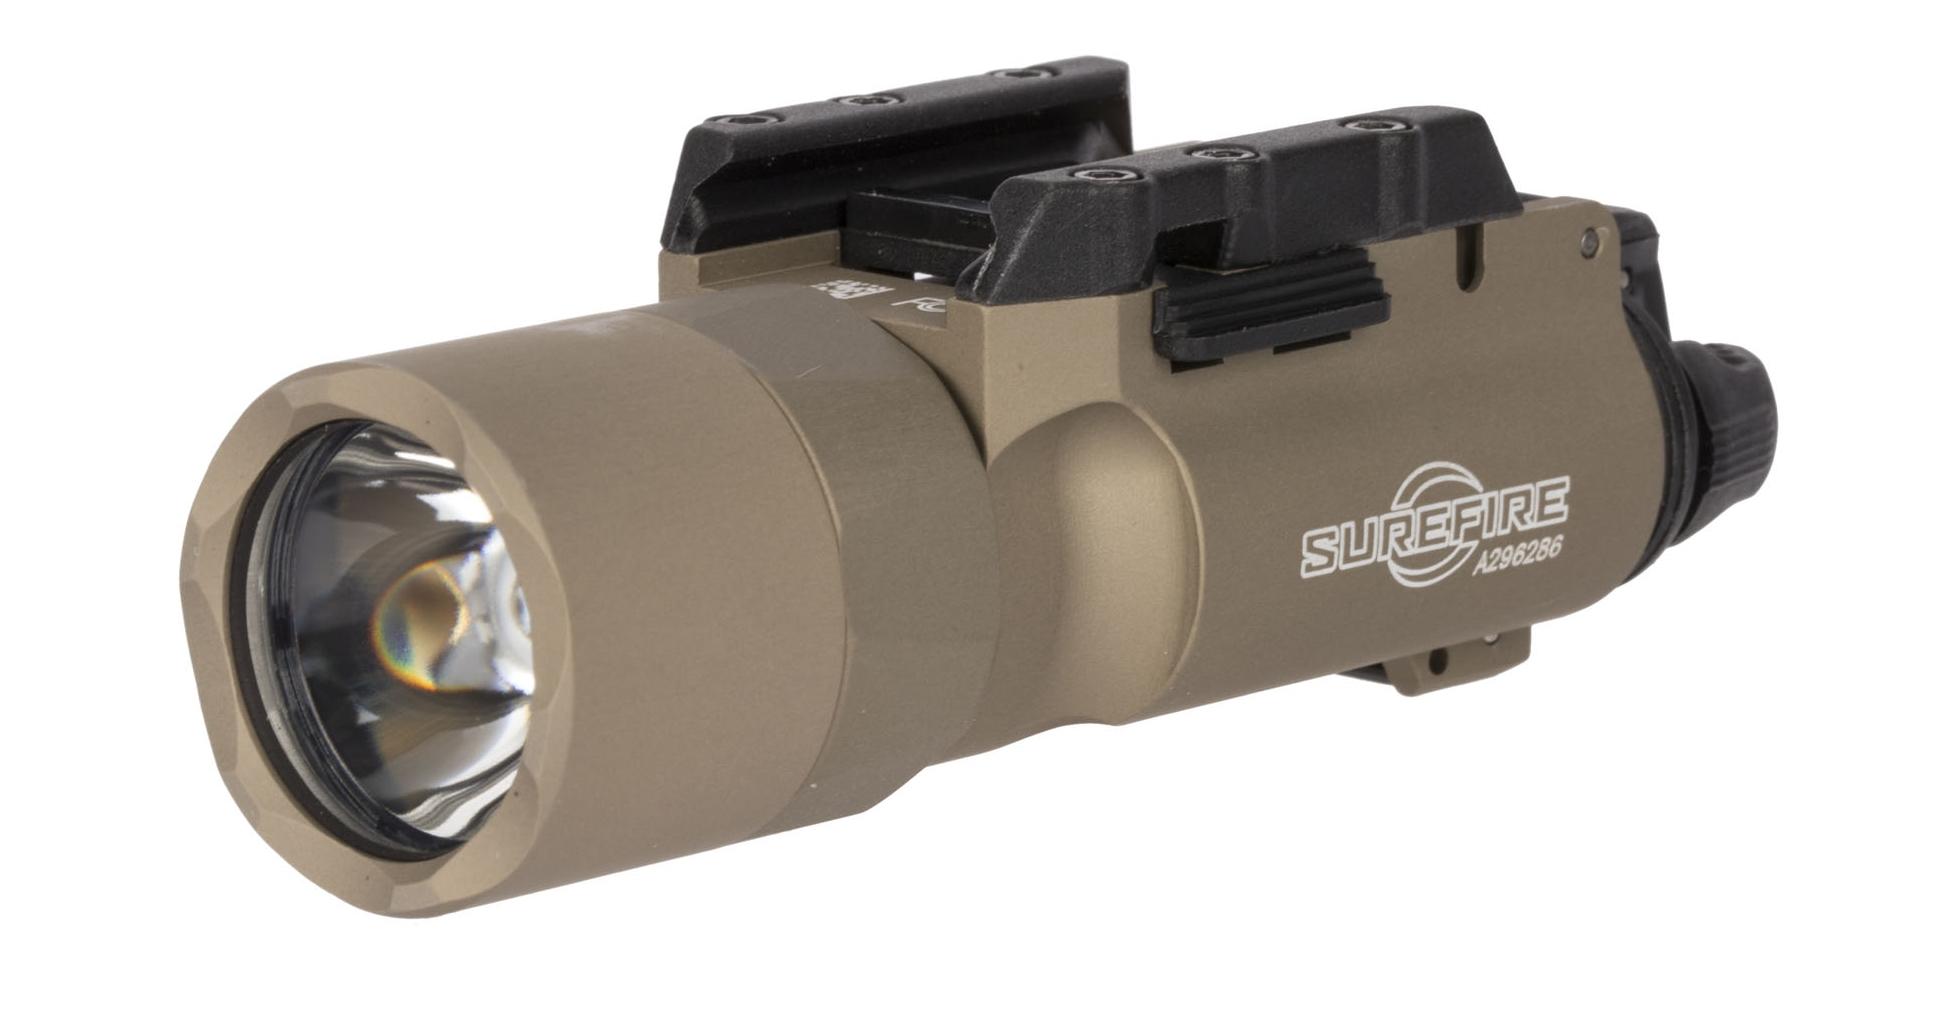 SureFire X300 ULTRA WEAPONLIGHT